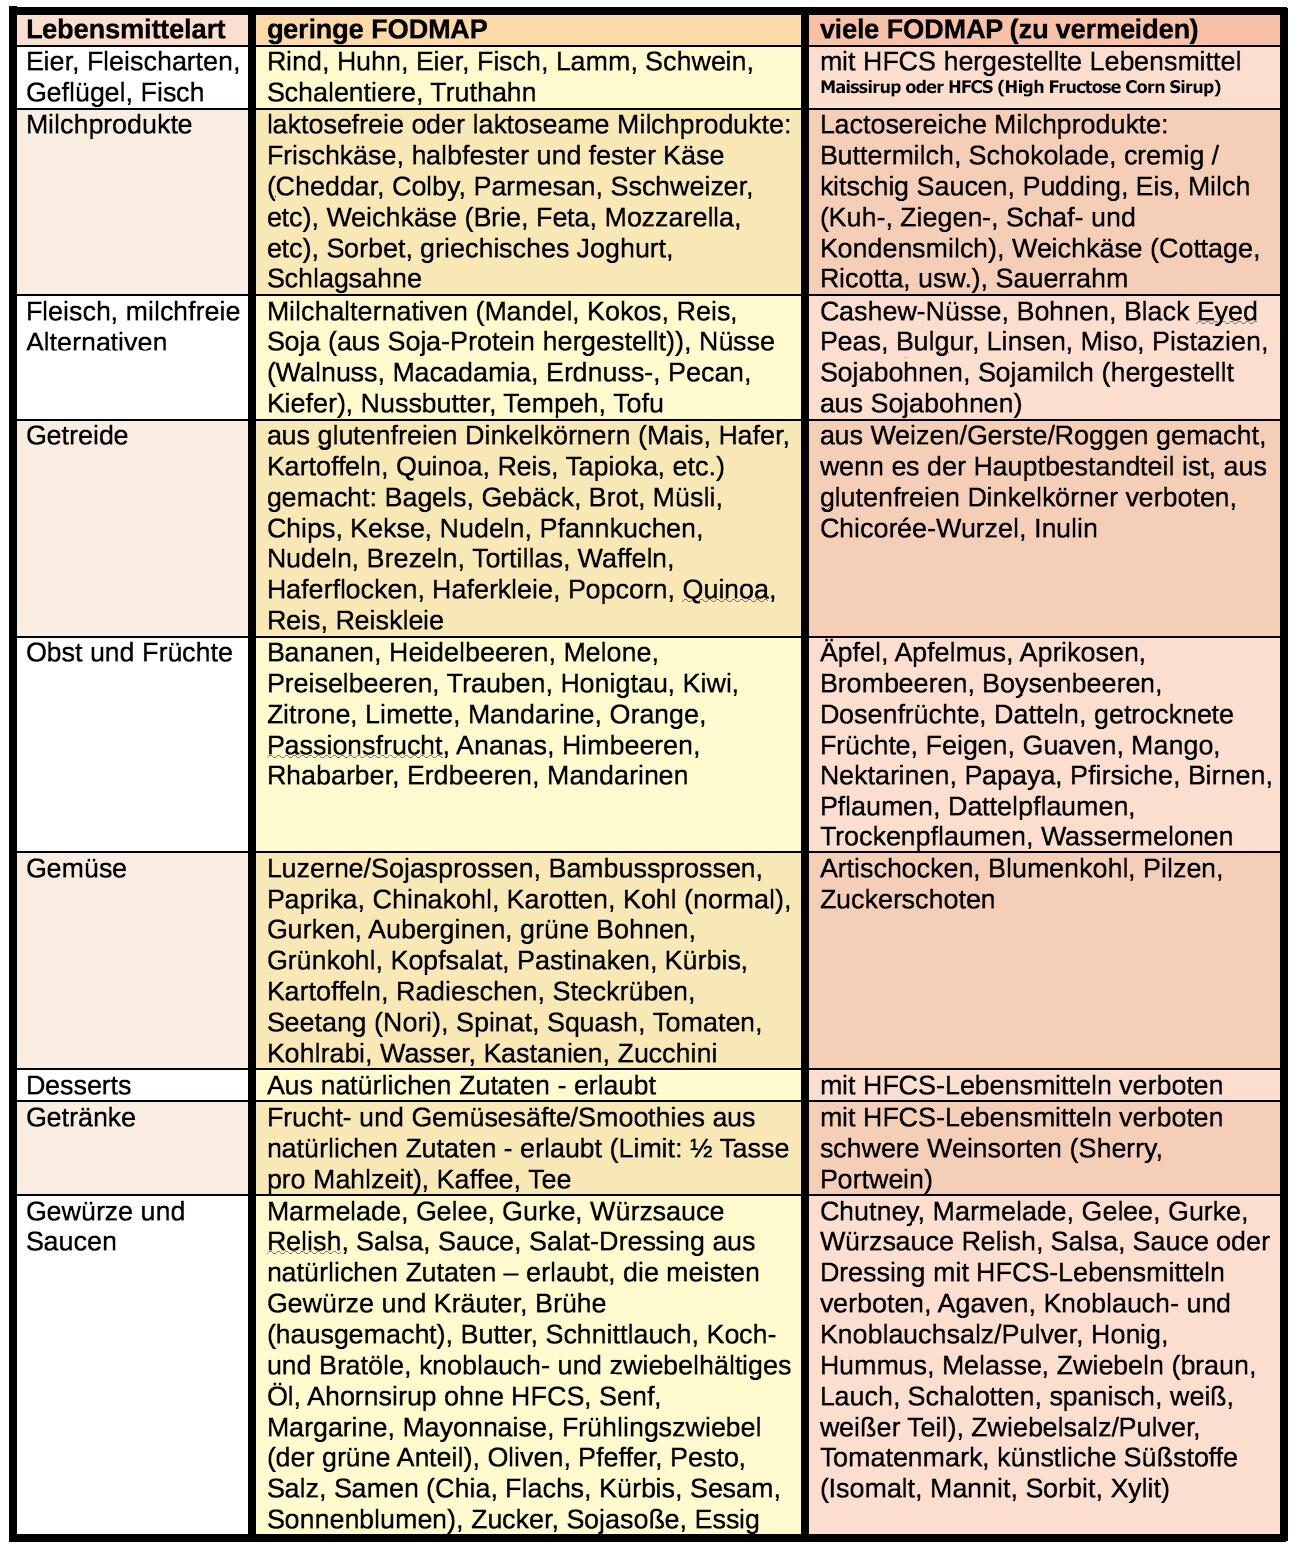 Lebensmittel-Liste: FODMAP in Nahrunsmitteln